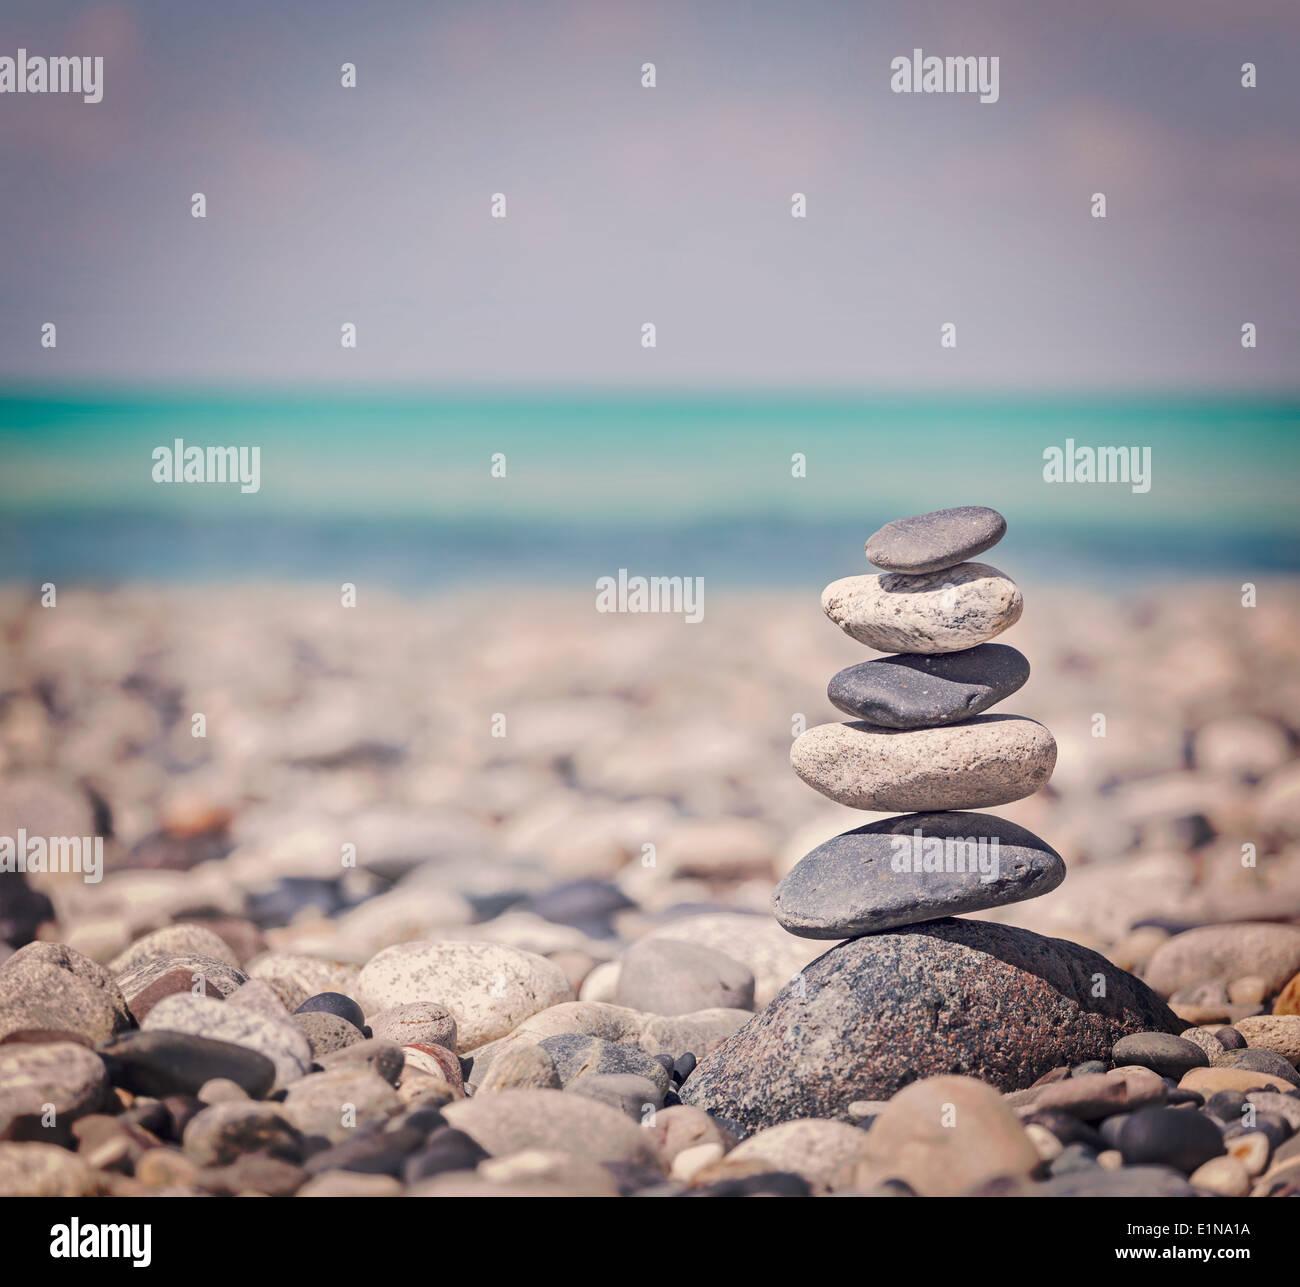 Vintage retrò hipster stile immagine di viaggio di meditazione Zen sfondo - pietre equilibrata pila vicino sul mare spiaggia Immagini Stock